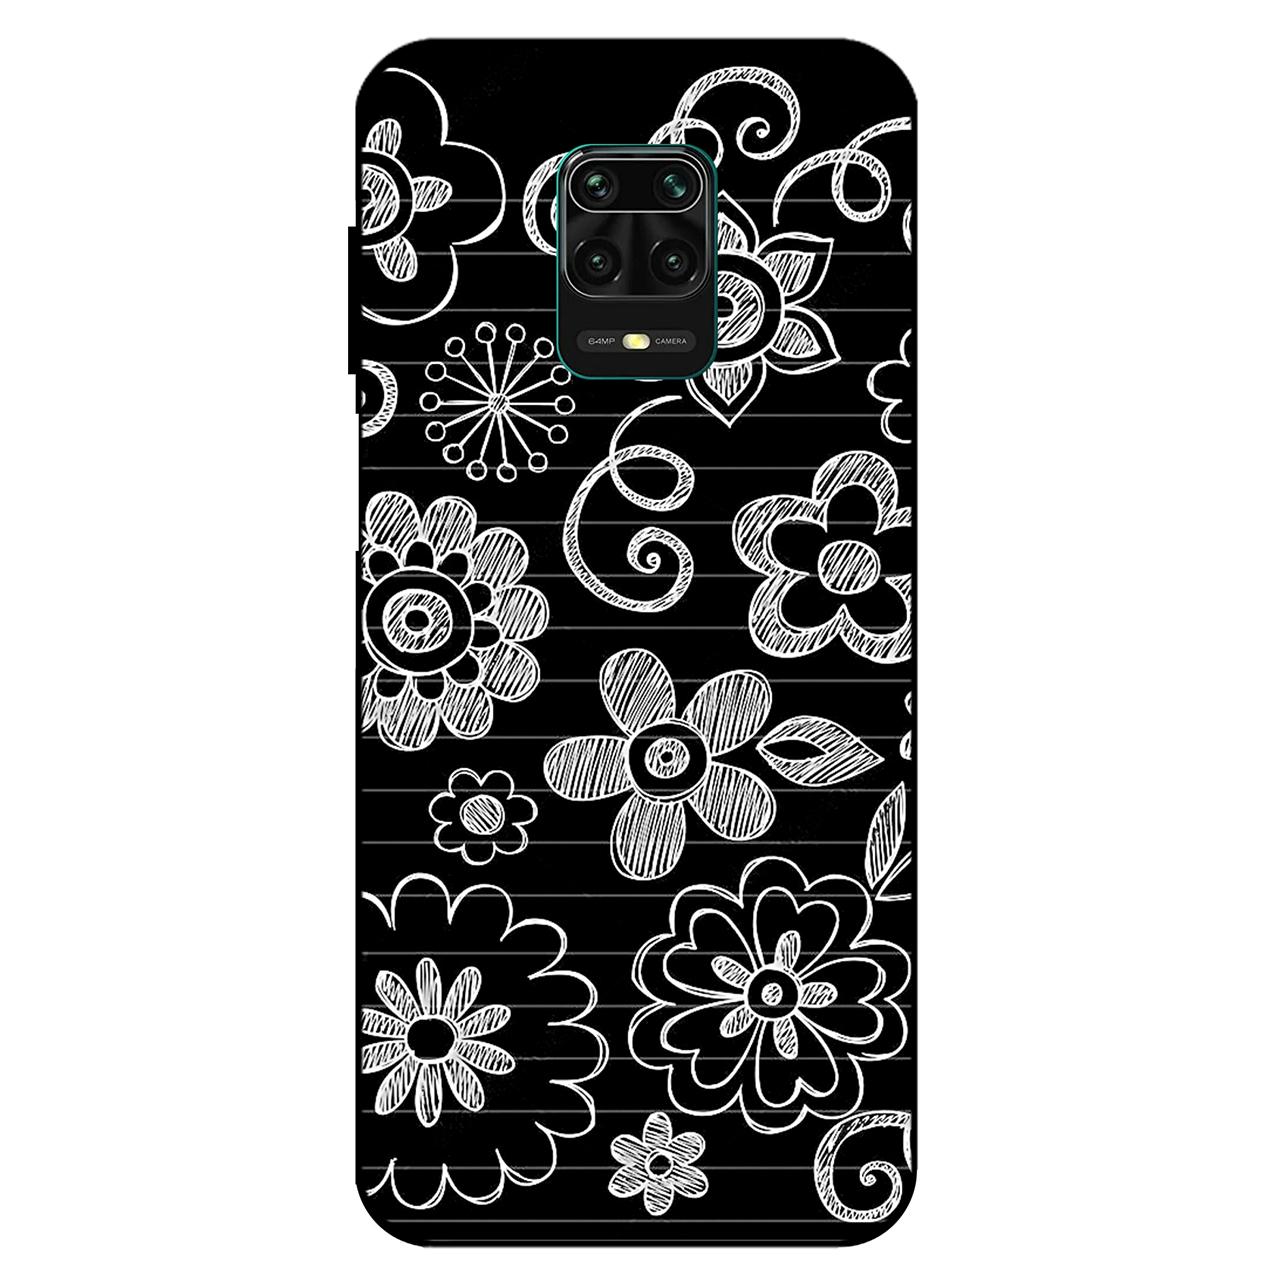 کاور کی اچ مدل 7230 مناسب برای گوشی موبایل شیائومی  Redmi Note 9s / 9 Pro / 9 Pro Max  thumb 2 1